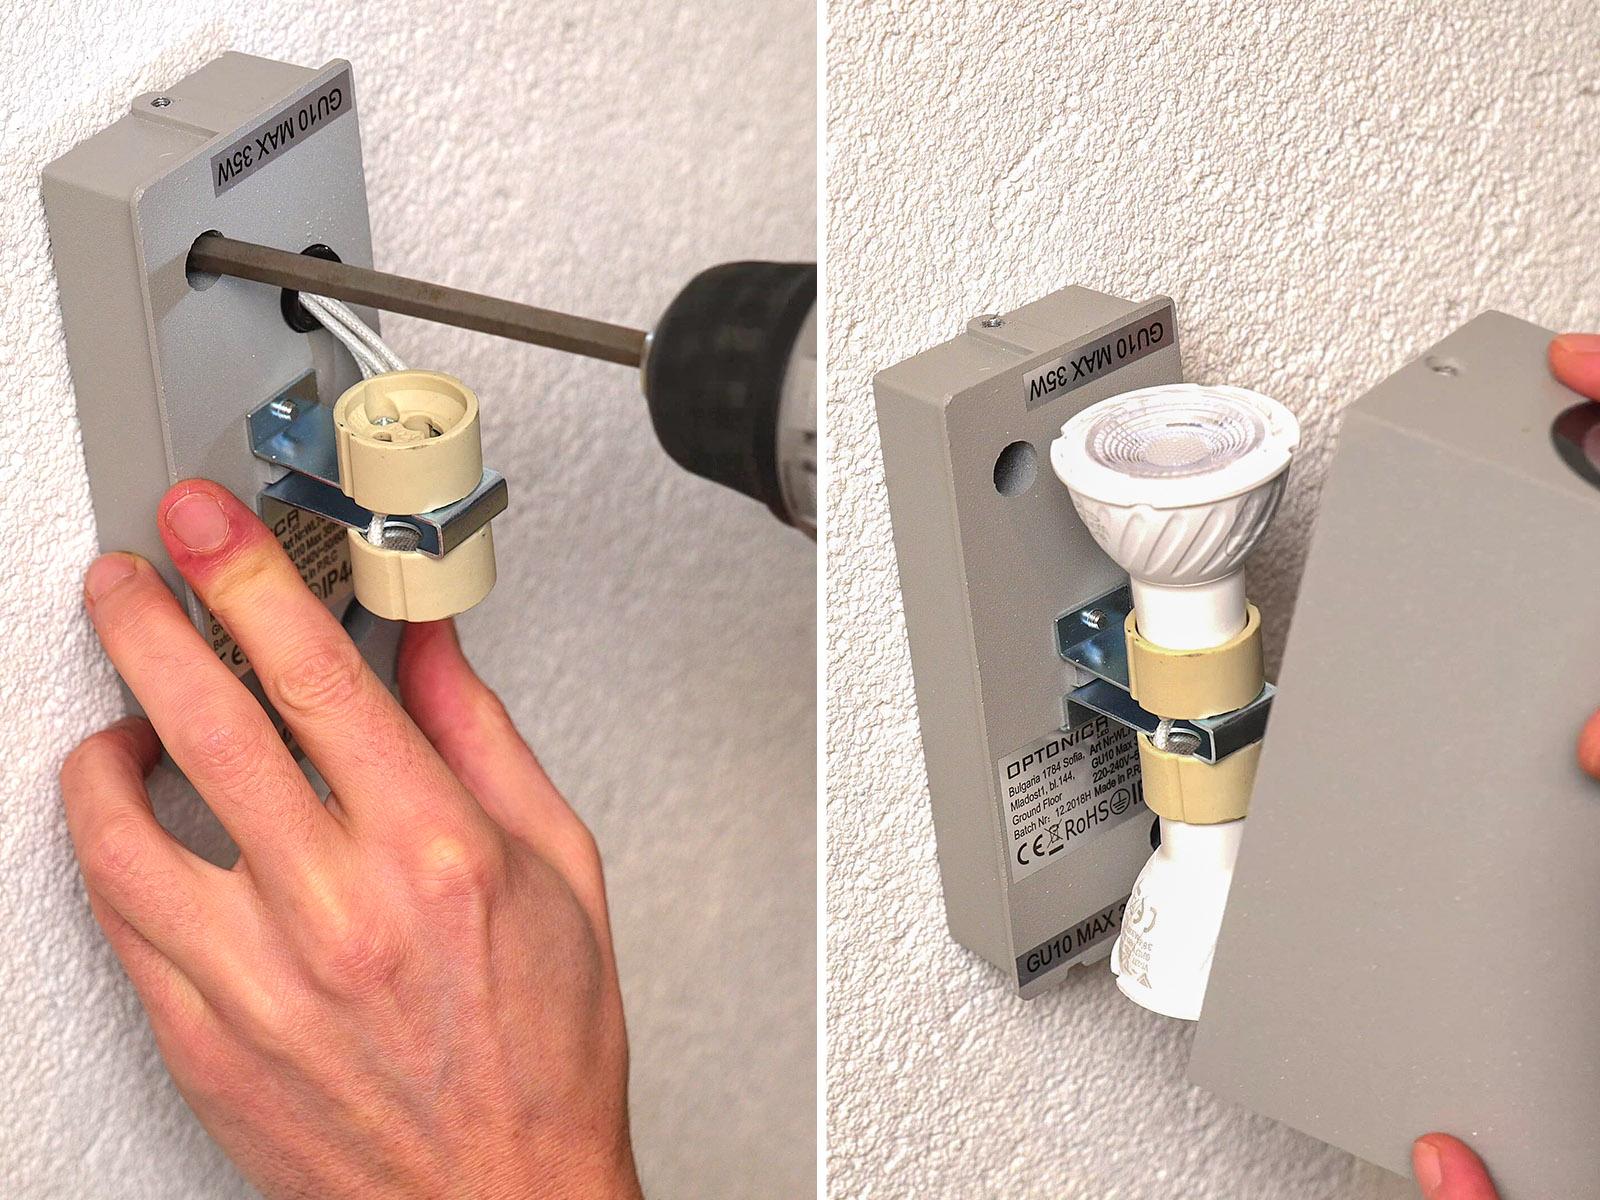 Praktikus GU10 foglalat, melyben házilag is egyszerűen végrehajtható a fényforrás cseréje.